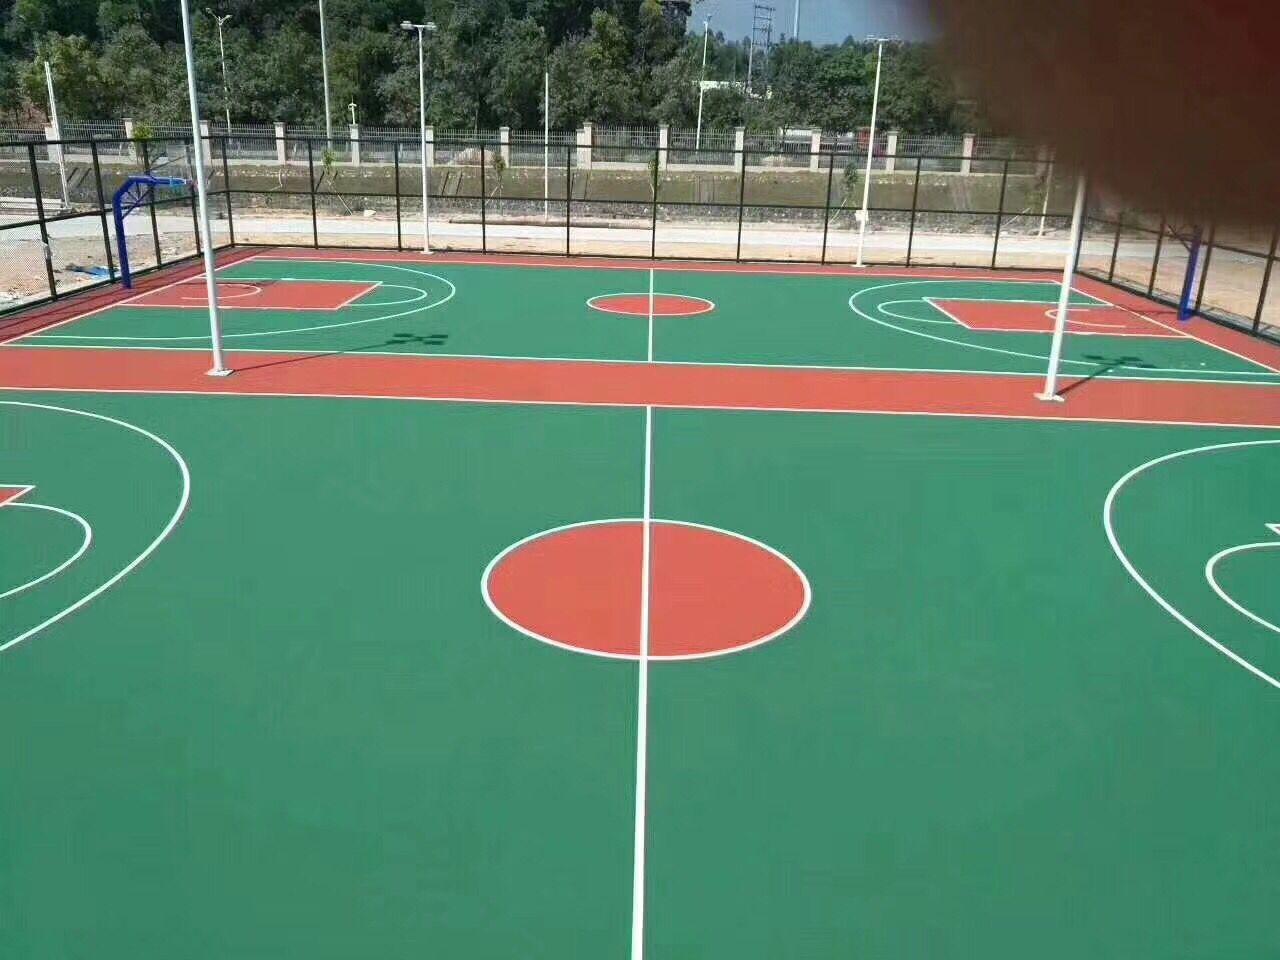 什么样的惠州丙烯酸球场比较好-佛山丙烯酸羽毛球场施工